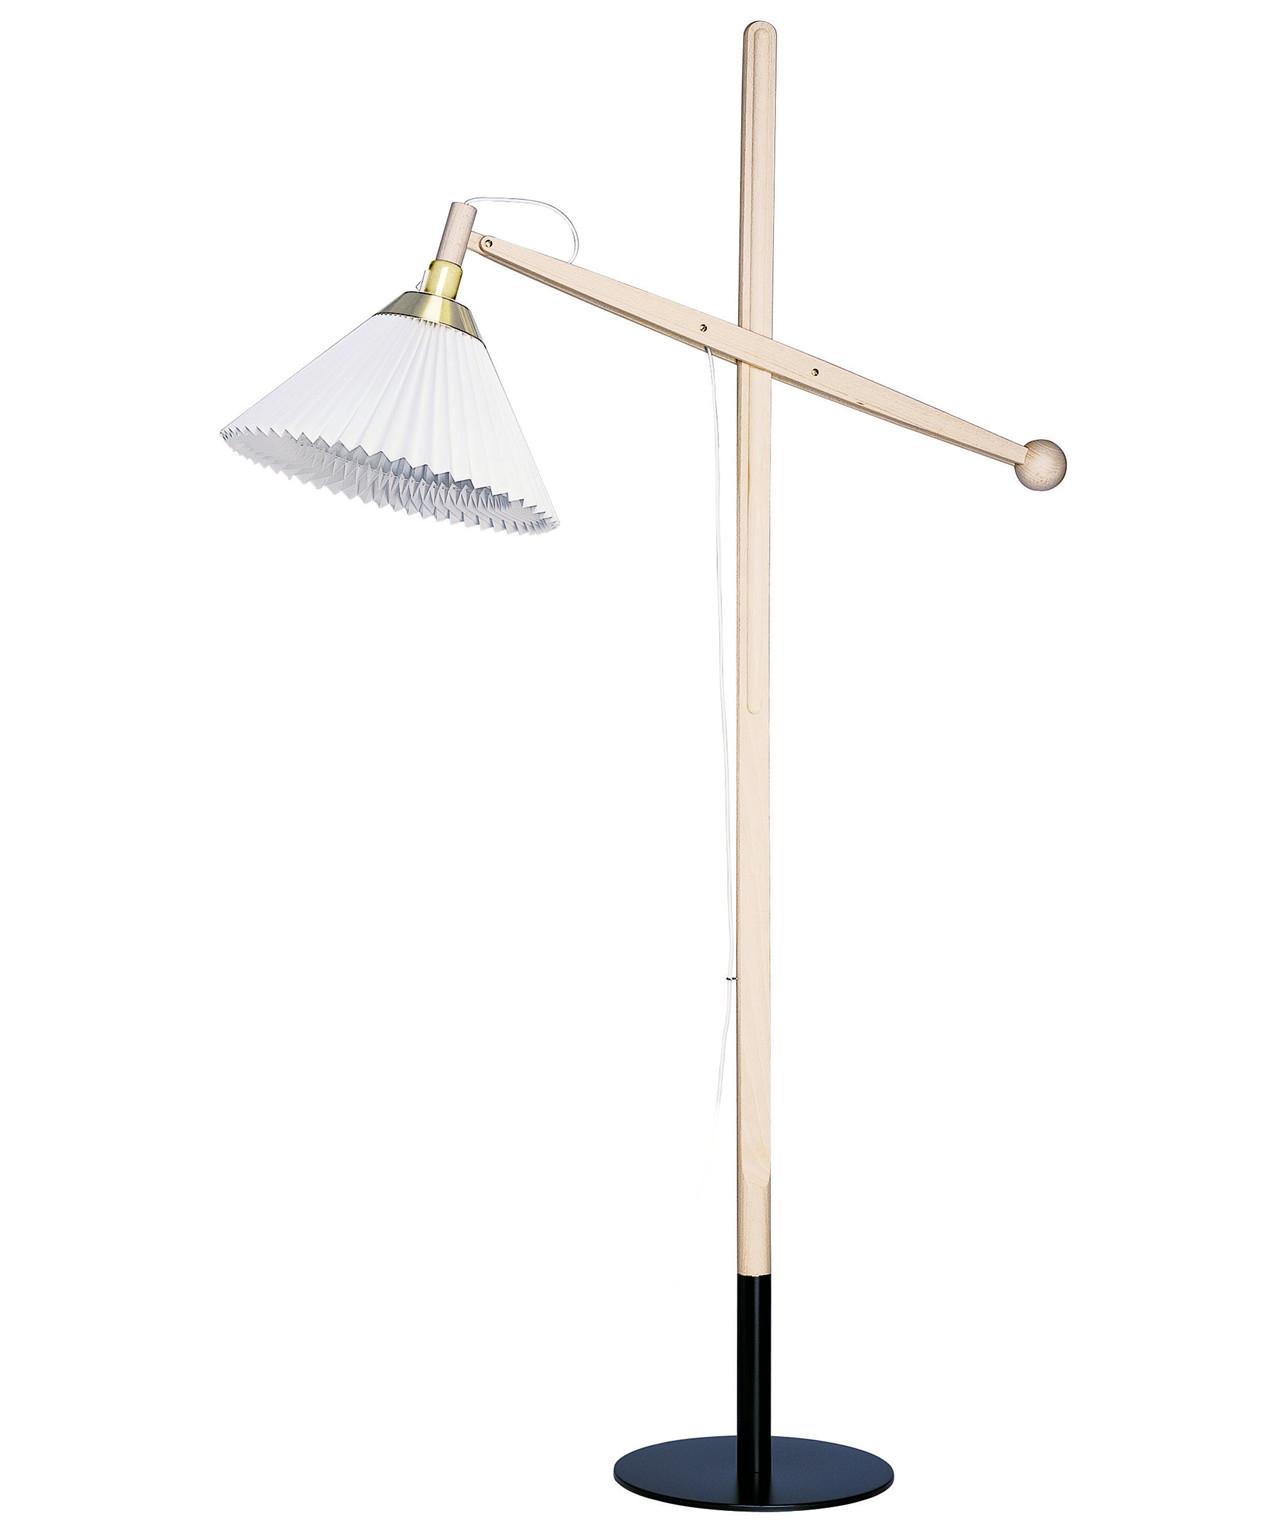 Le Klint 325 Gulvlampe Eg - Le Klint